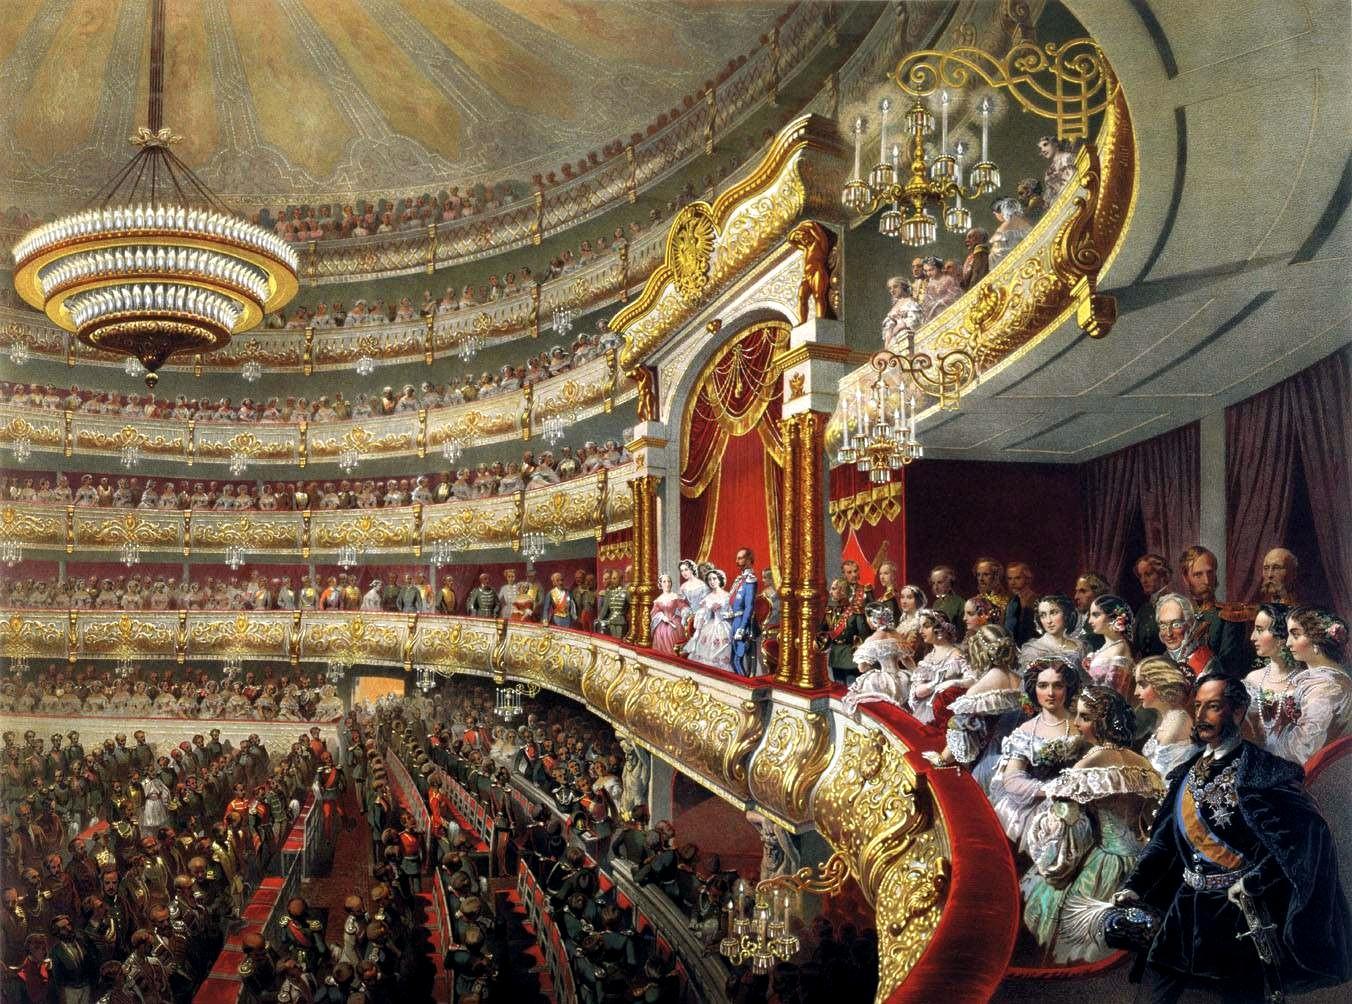 Михаил Зичи. Спектакль в московском Большом театре по случаю священного коронования императора Александра II (1856 год)